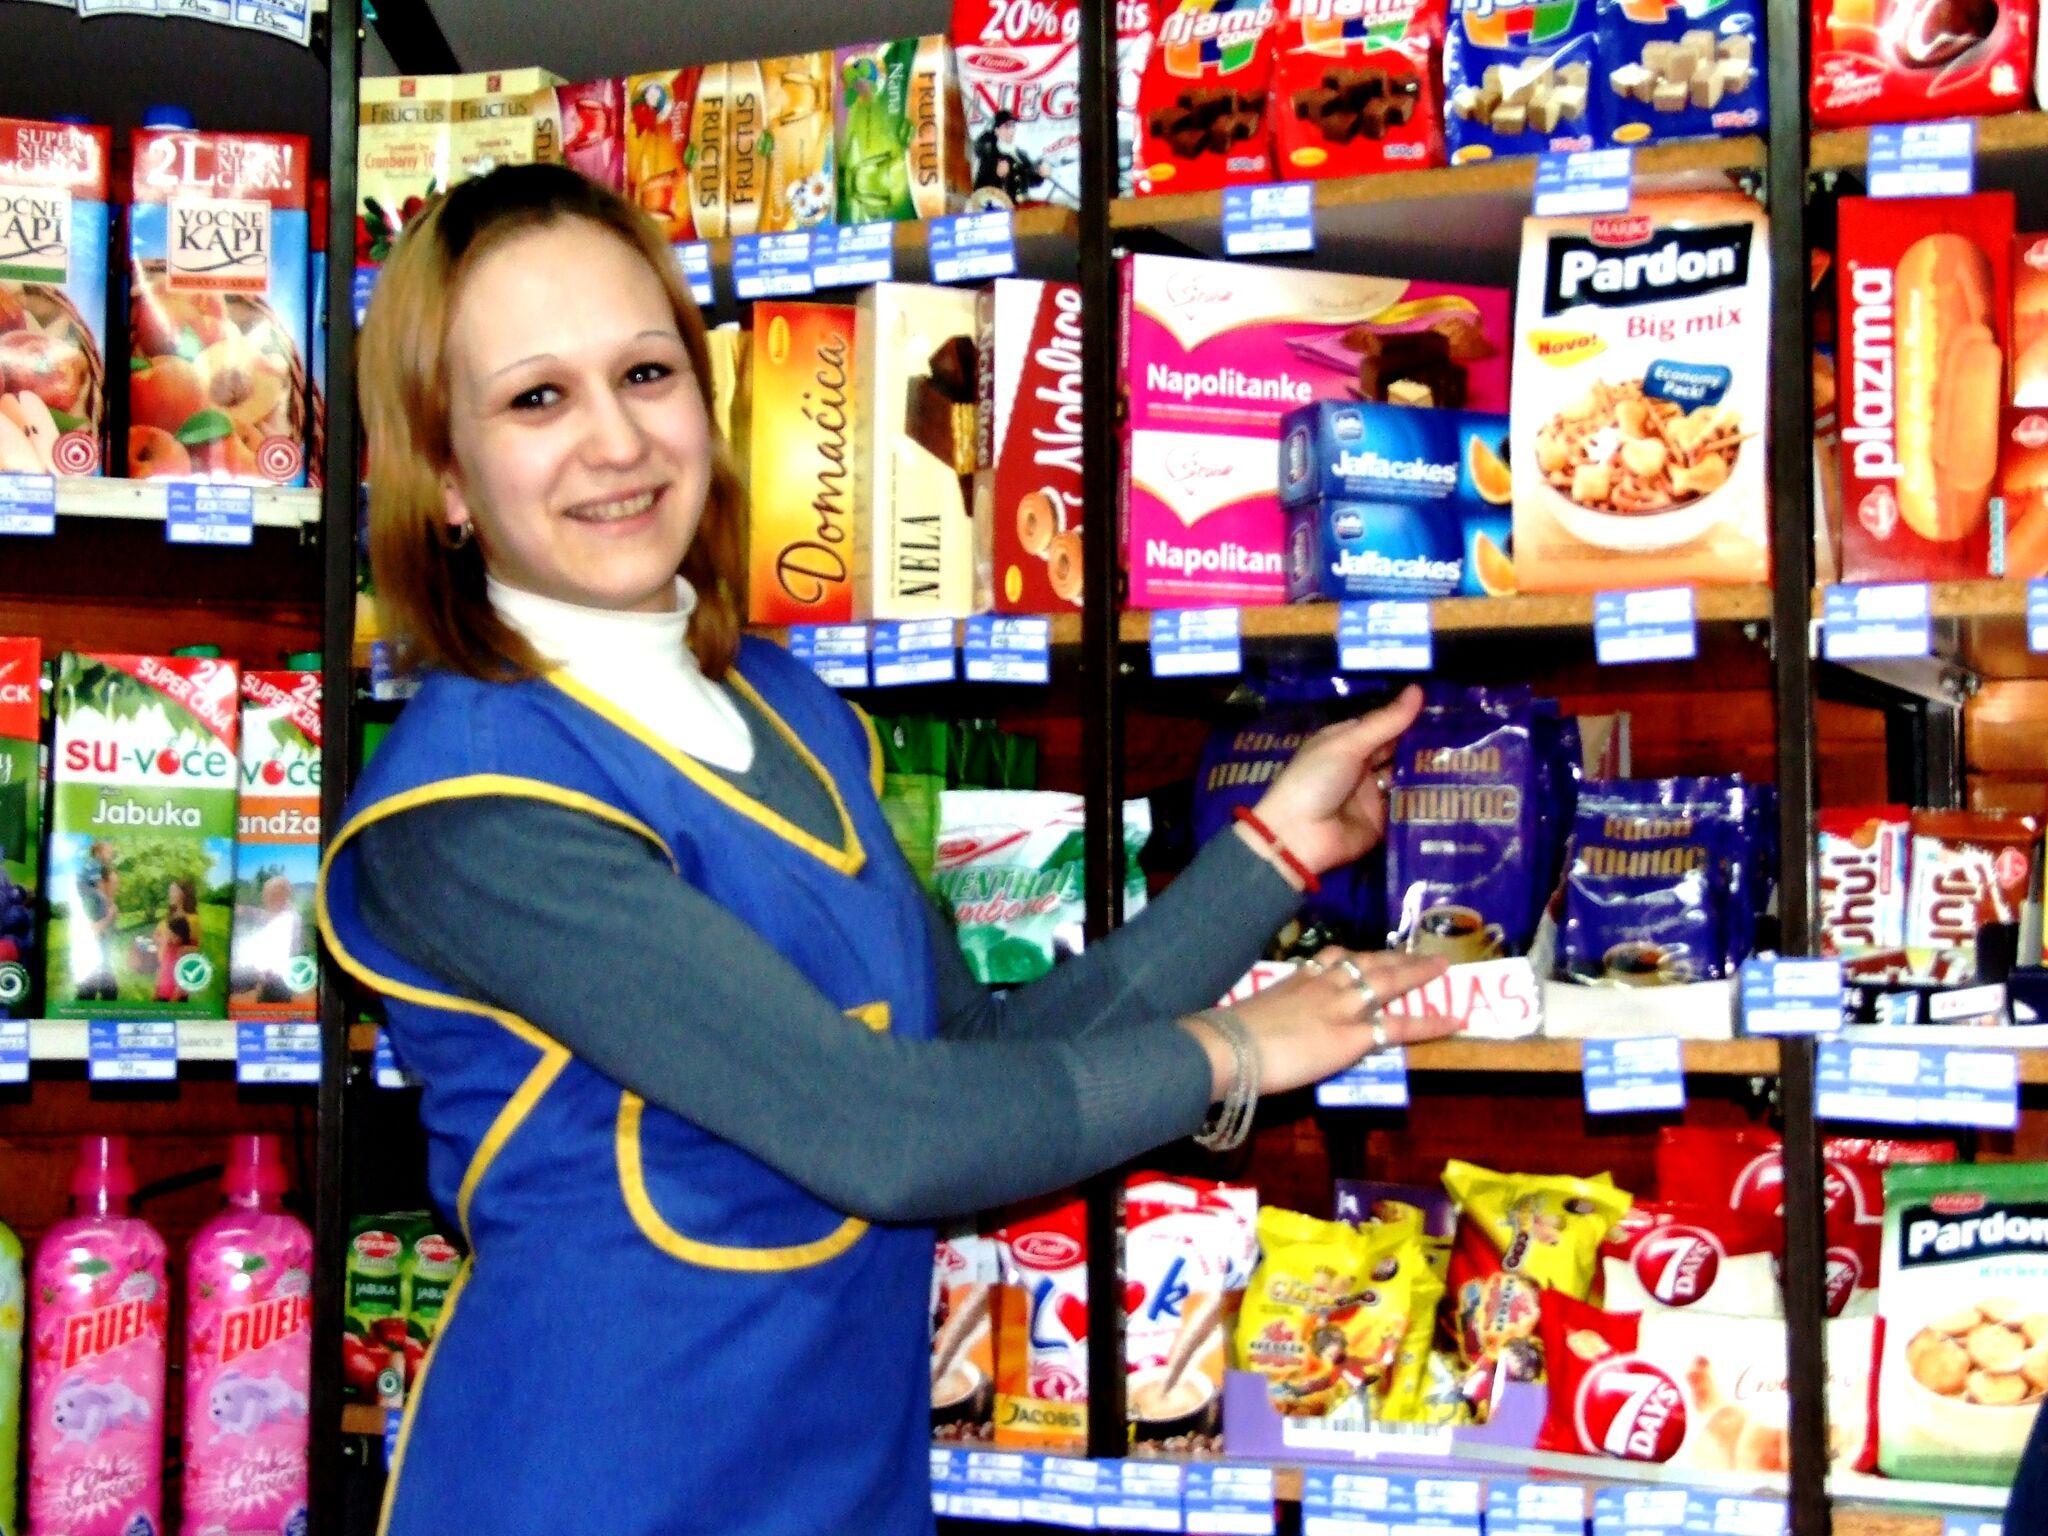 Dragana, un beneficiario del programa, ahora empleado en una tienda de conveniencia